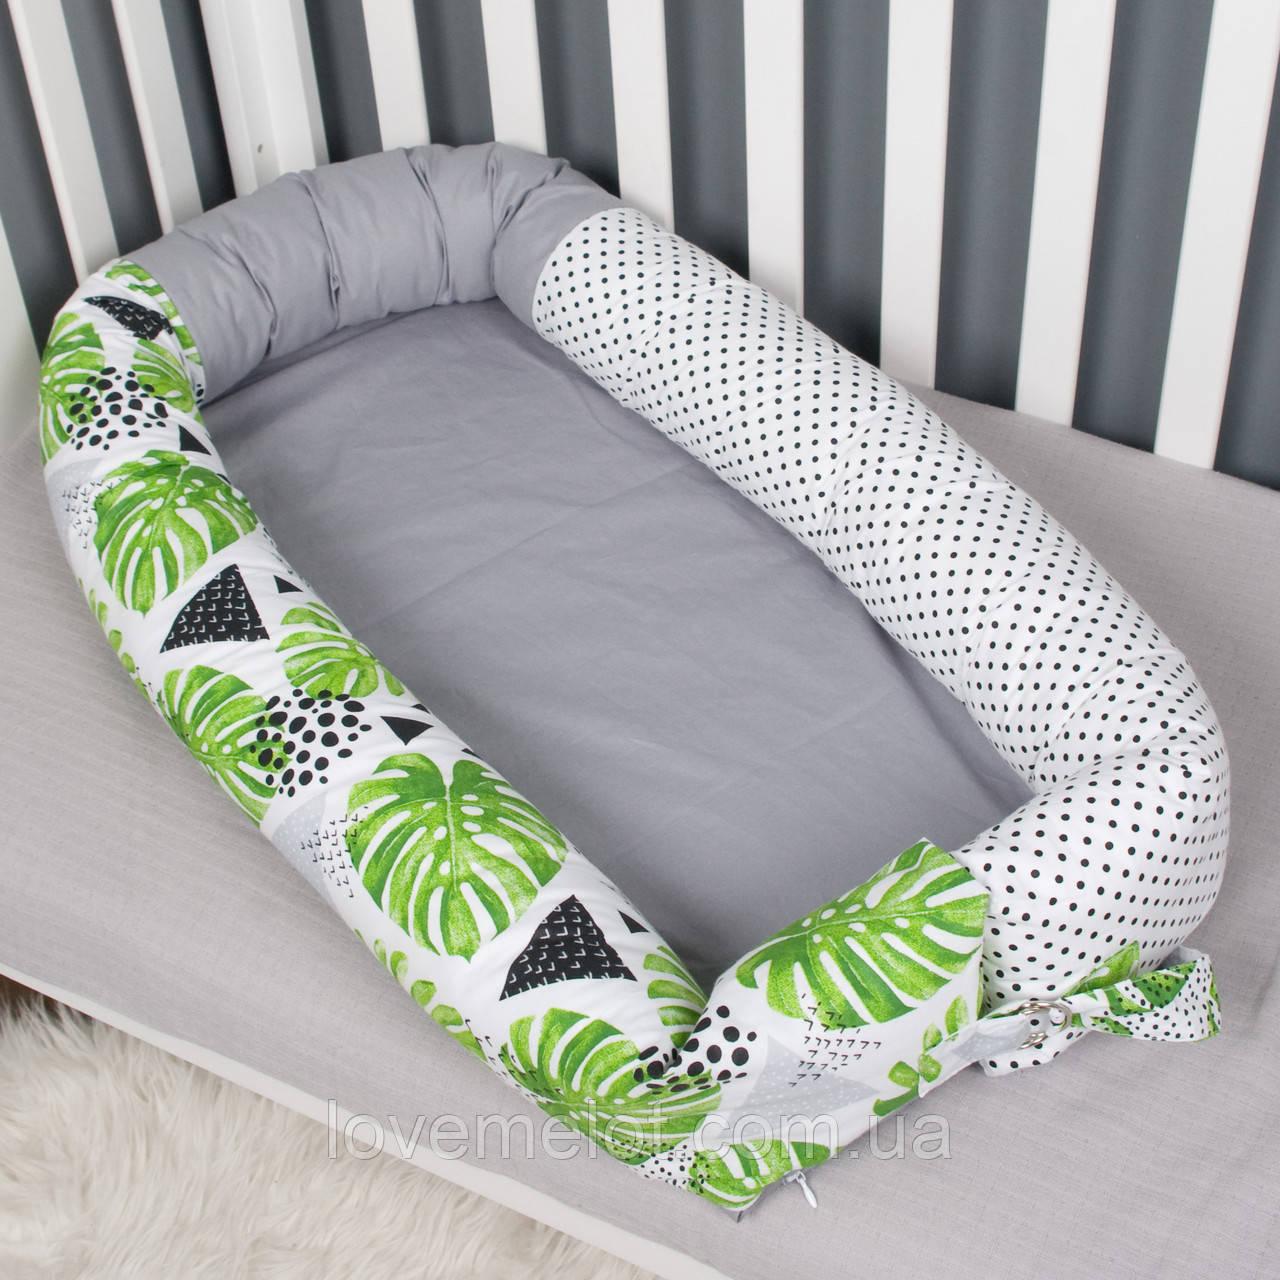 Гнездышко-кокон со сьемным чехлом для ребенка, позиционер, люлька, babynest, переносная кроватка